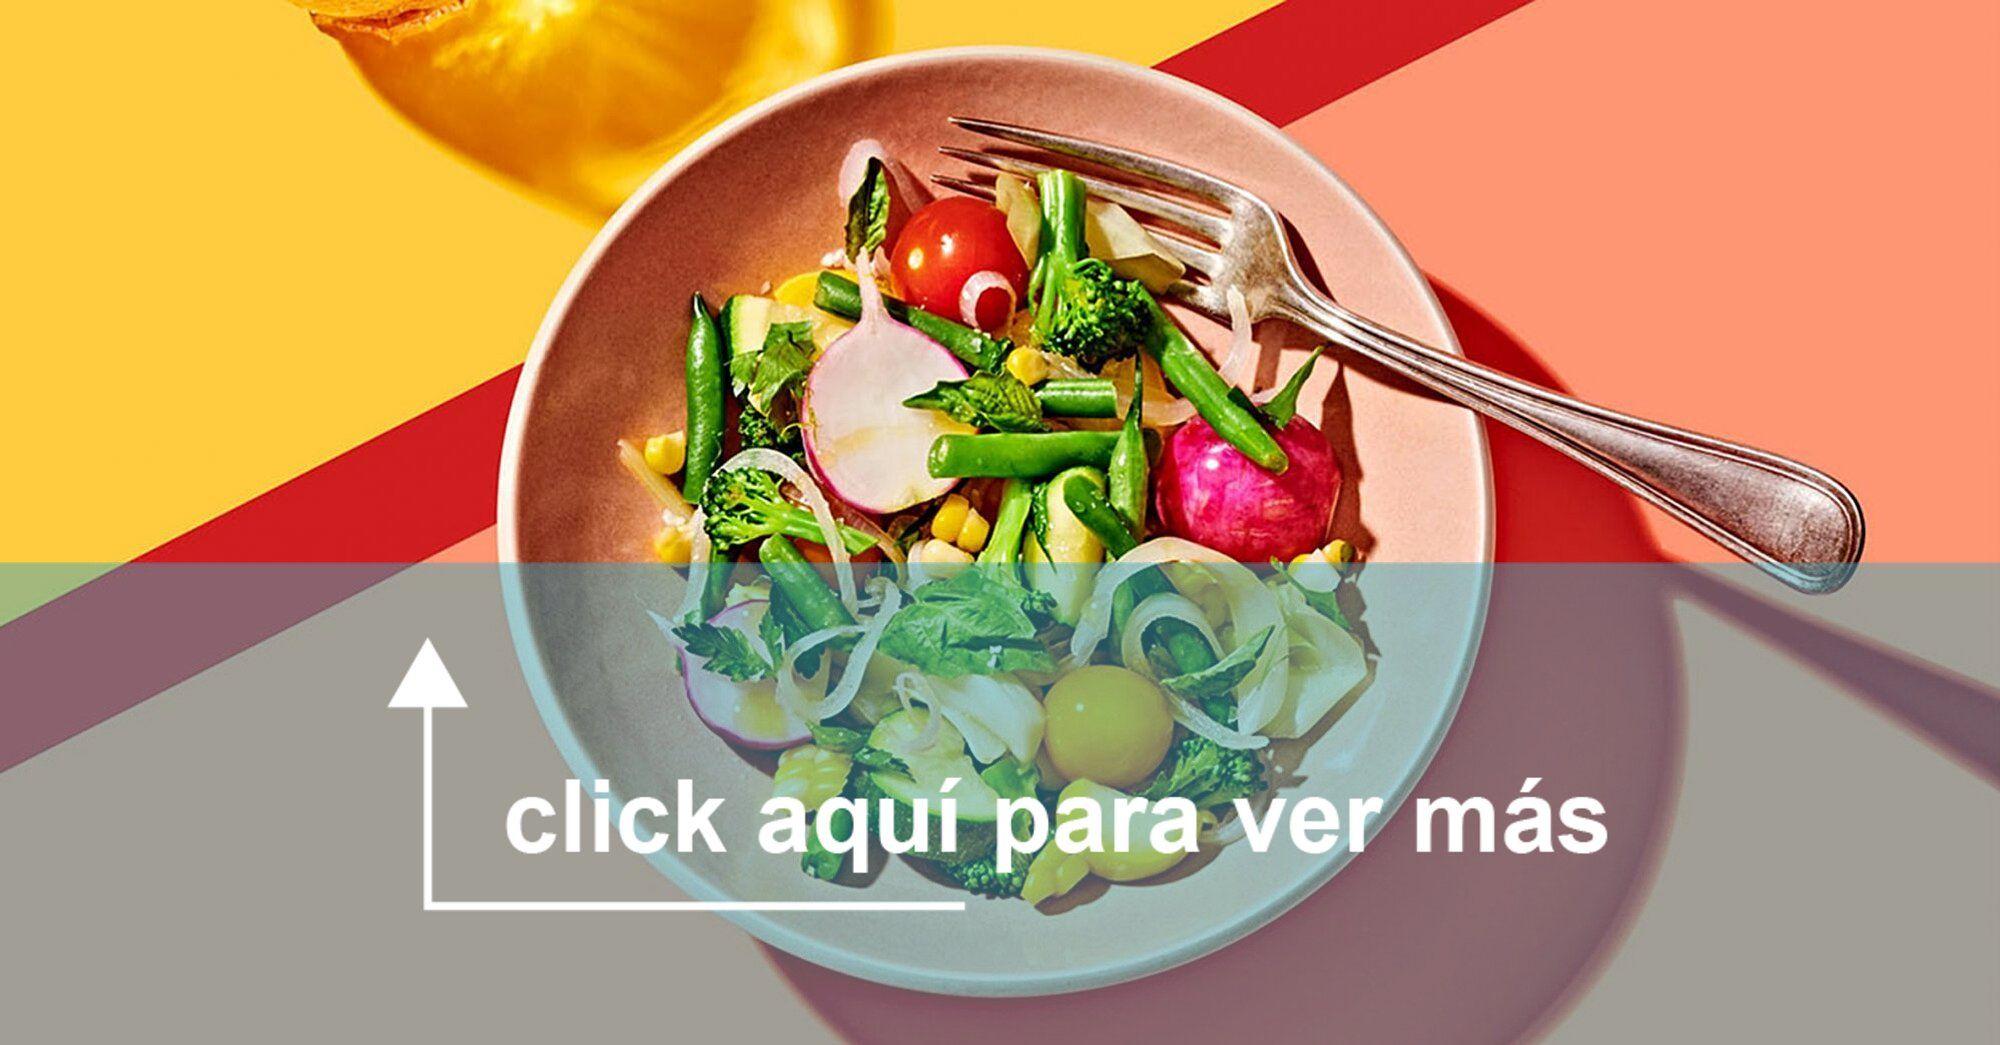 Este Guiso De Verduras Le Ayudará A Sacar El Máximo Provecho De Su Mercado De Granjeros Guiso De Verduras Verduras Preparación De Comida